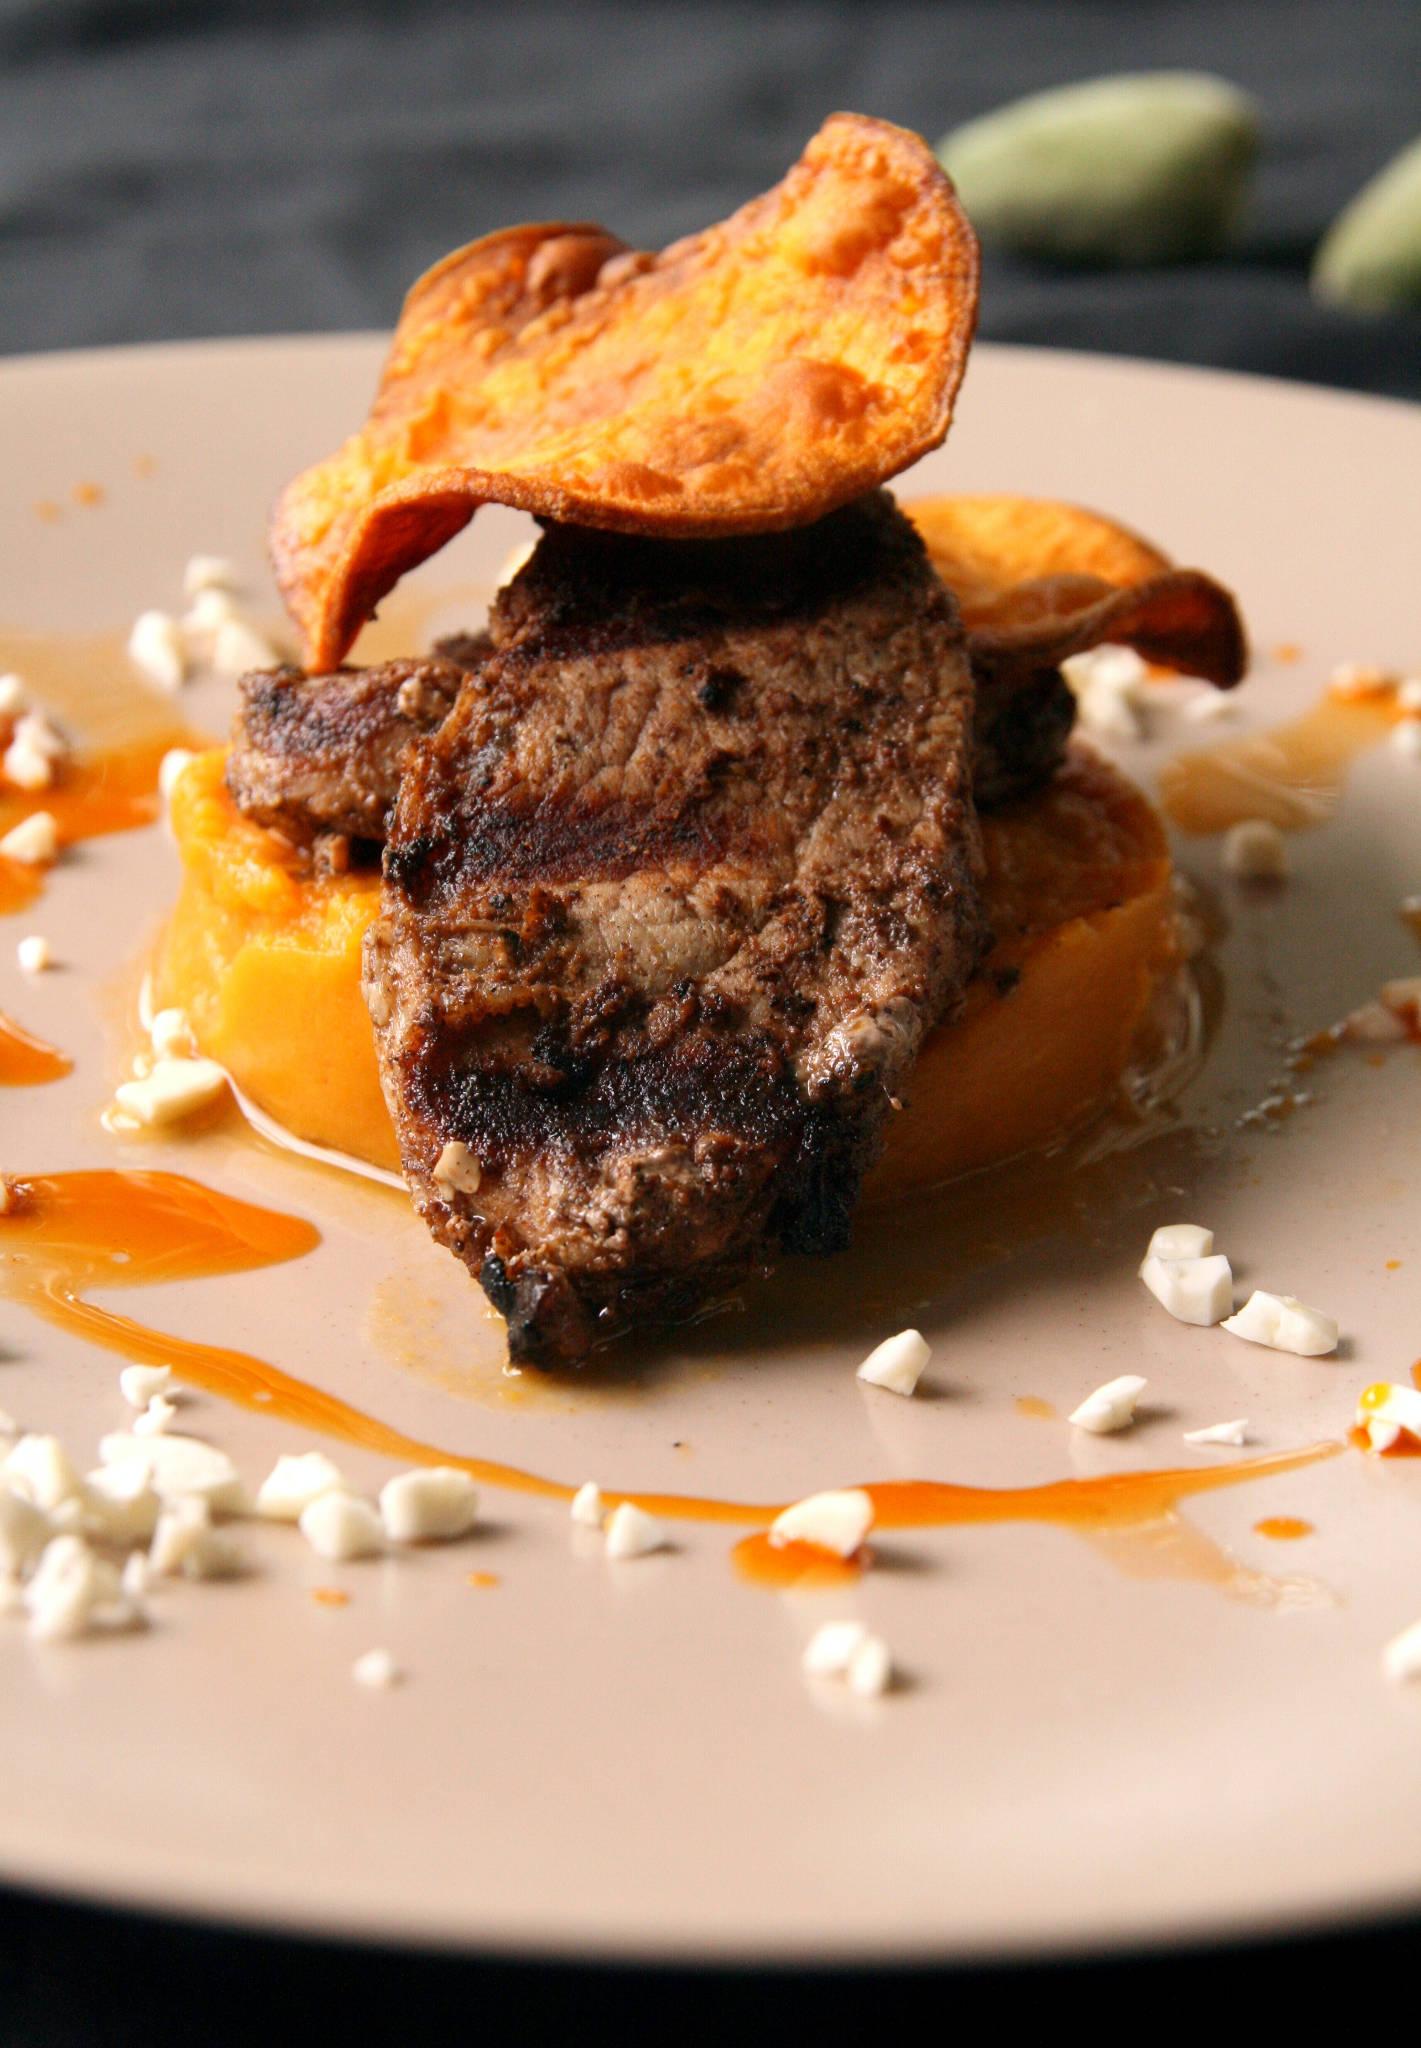 Médaillons de filet mignon de porc gingembre-cannelle au barbecue, patate douce en deux façons, amandes fraîches